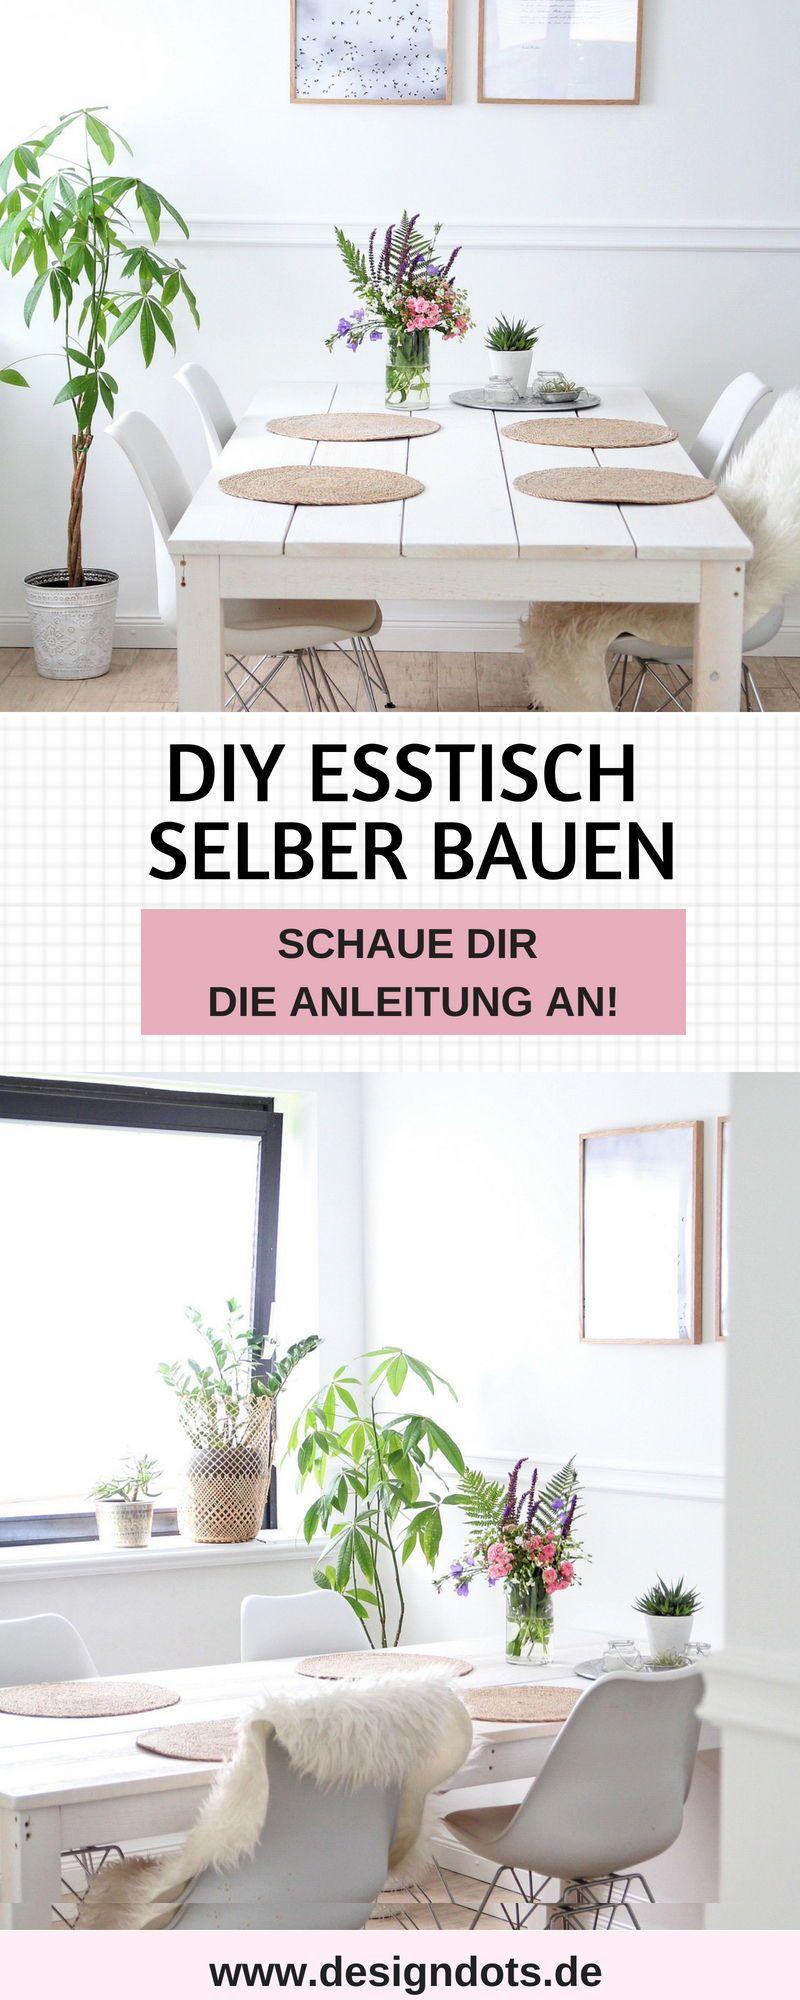 diy esstisch selber bauen anleitung | diy esstisch, diy